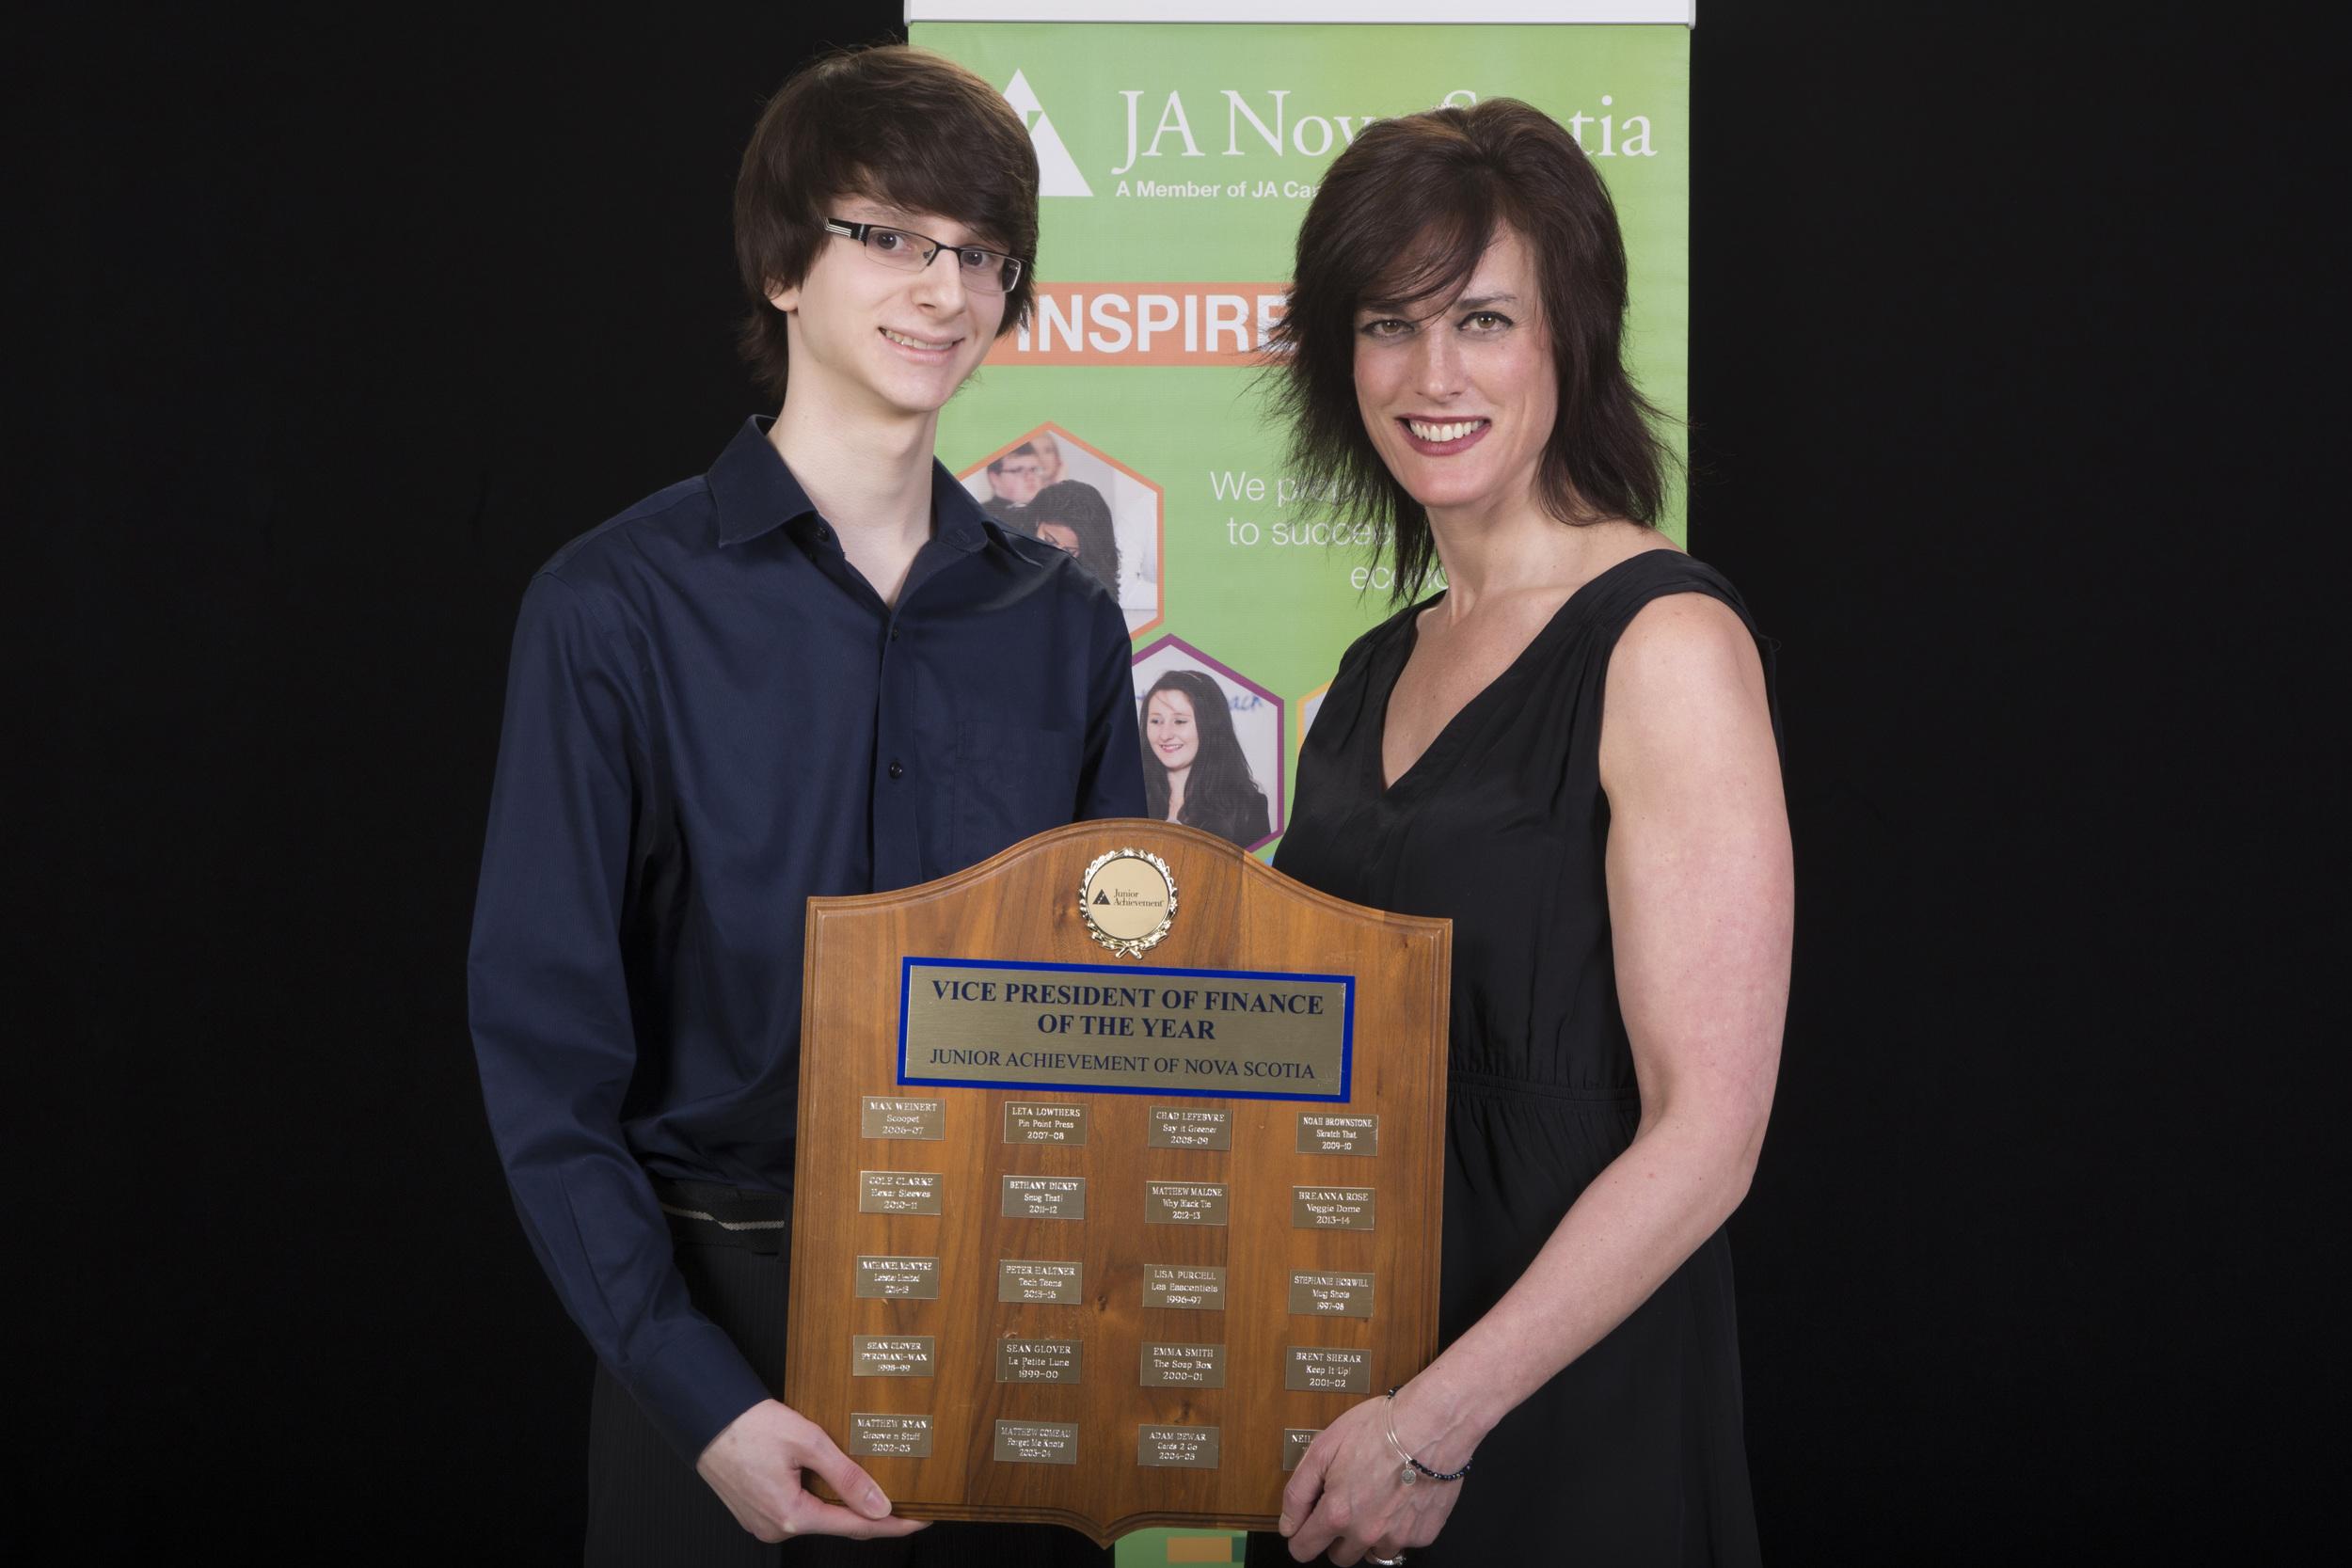 JA_Awards_0825.jpg